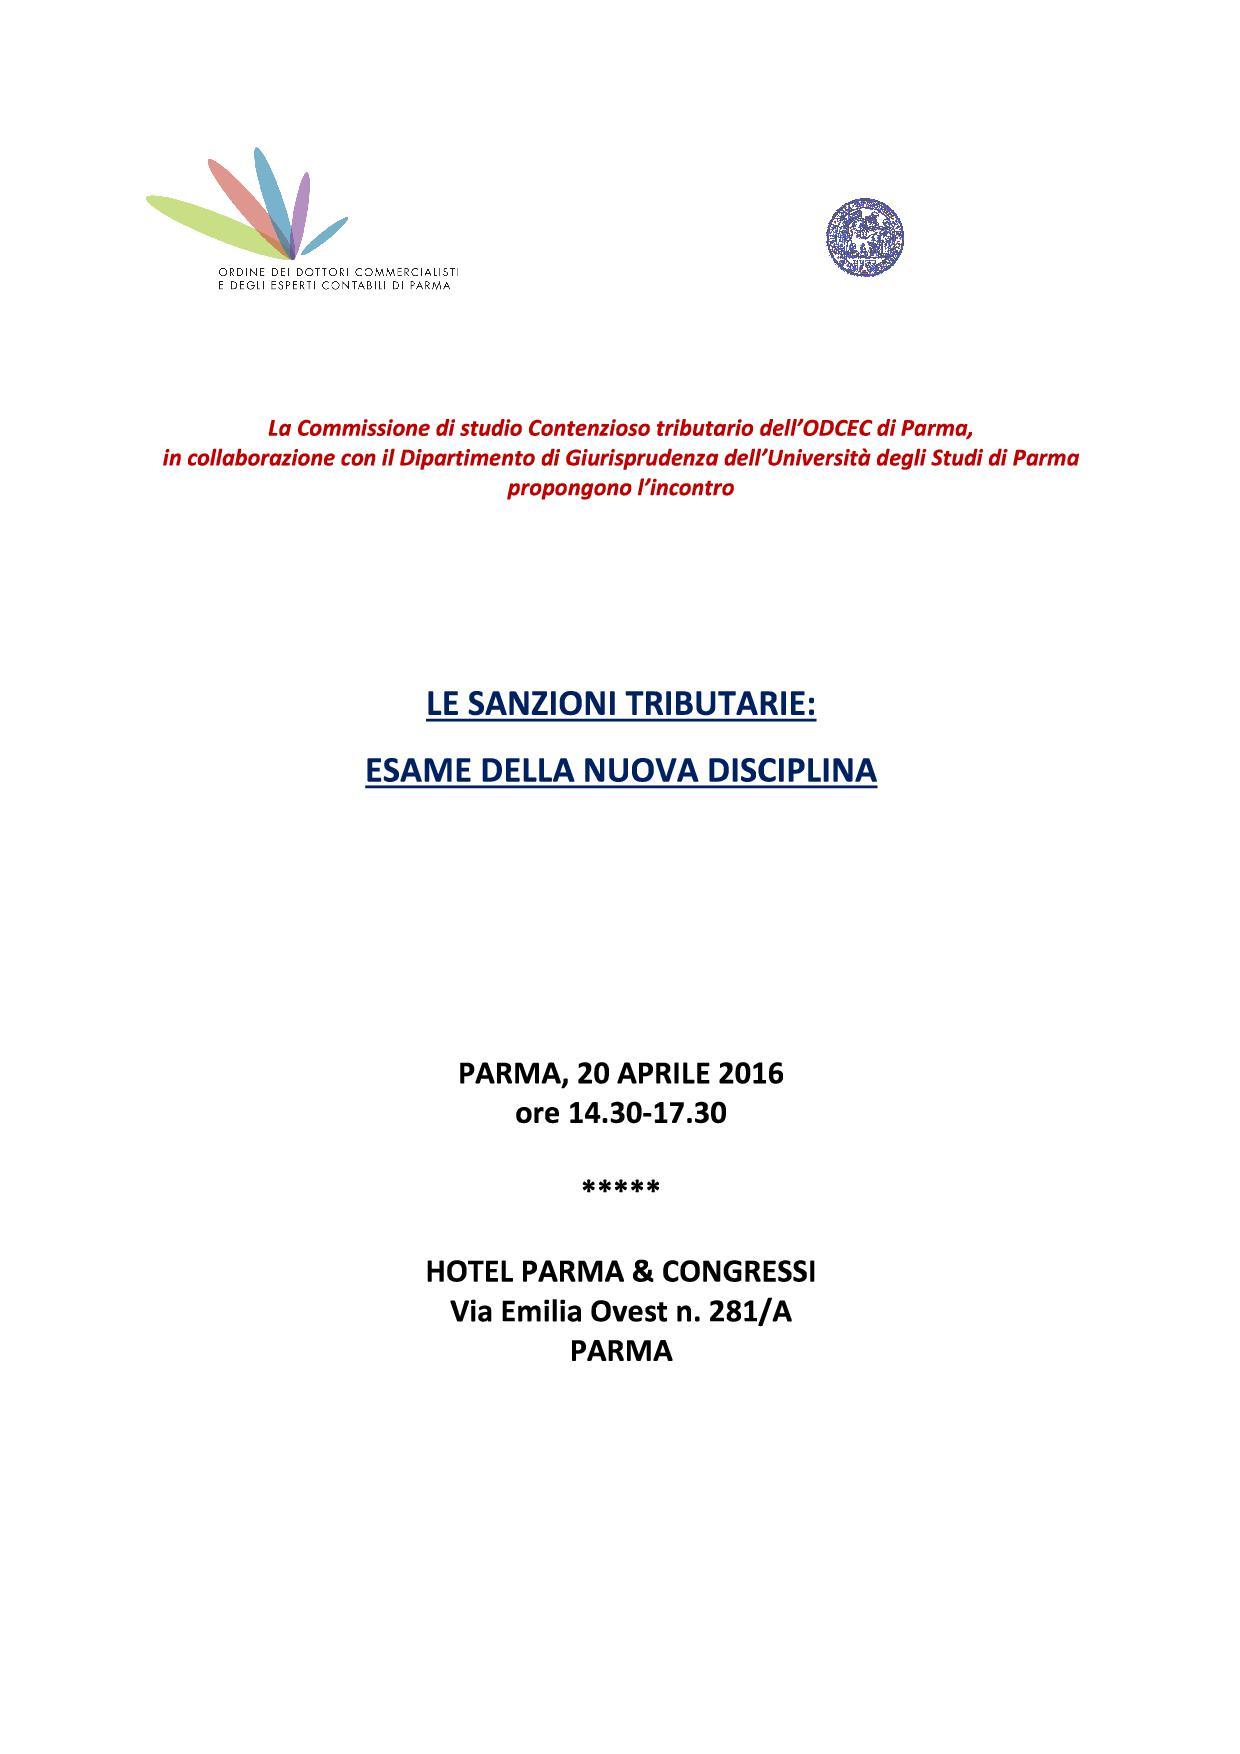 Convegno_20-Aprile-2016_CS_C